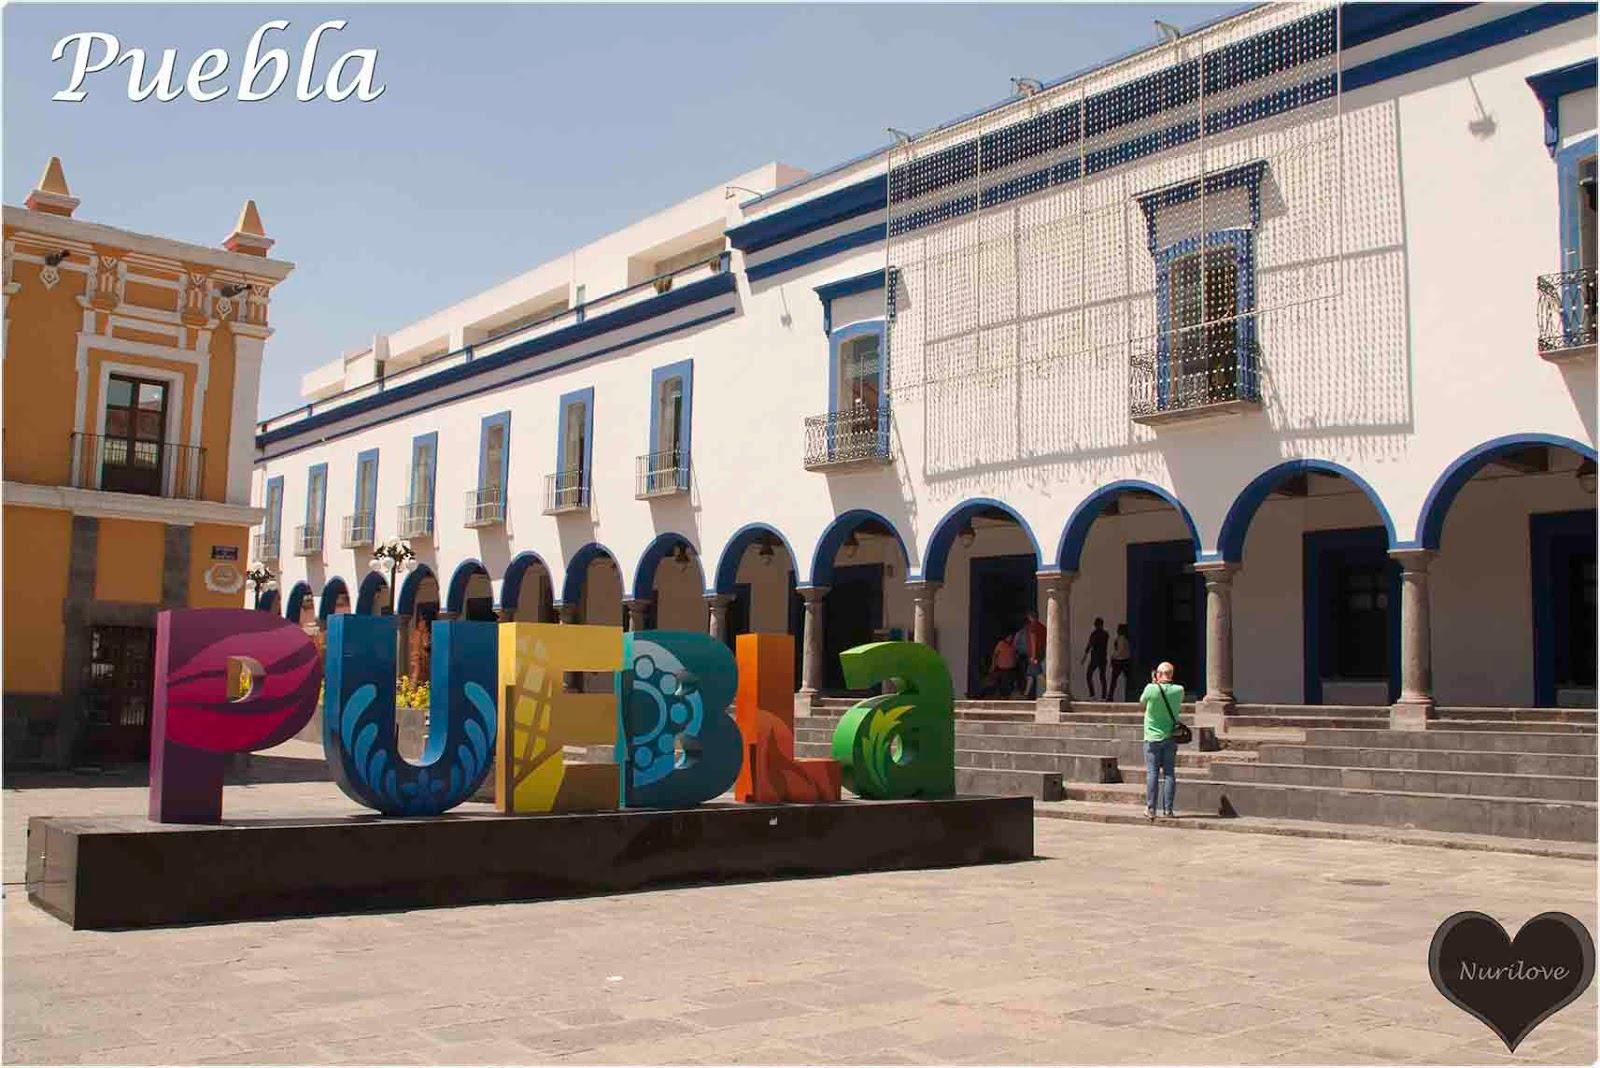 Puebla en México, una gran ciudad